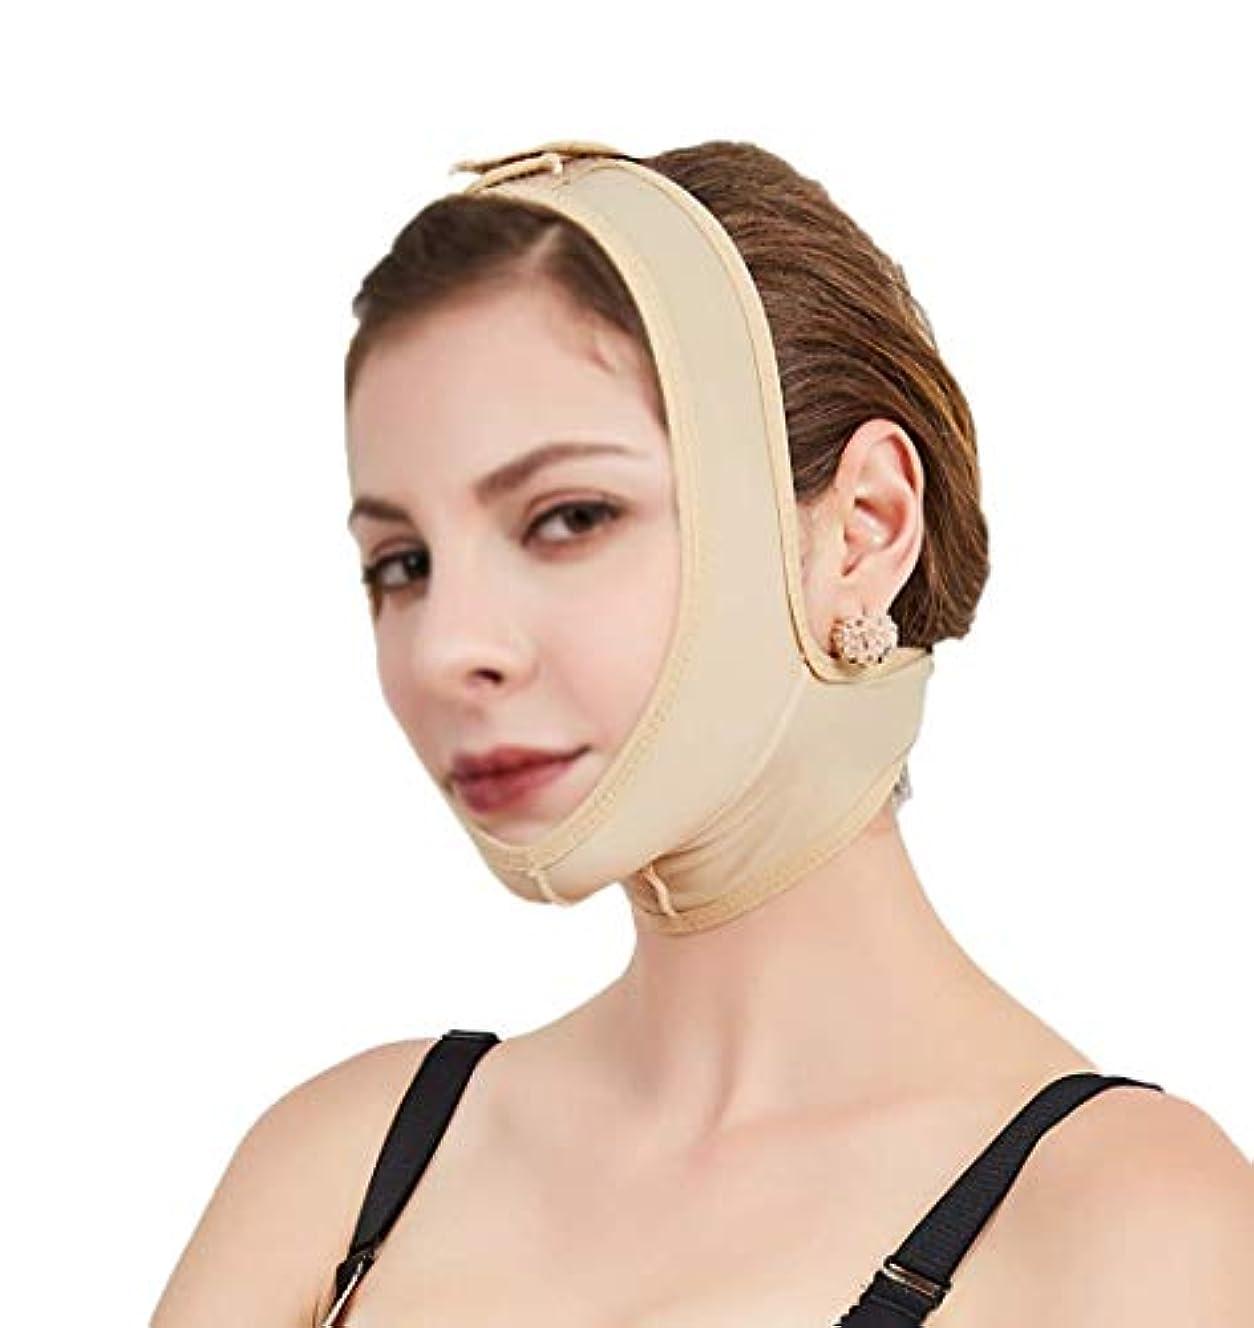 複雑な動浴室フェイスアンドネックリフトポストエラスティックスリーブ下顎骨セットフェイスアーティファクトVフェイスフェイシャルフェイスバンドルダブルチンマスク(サイズ:M)